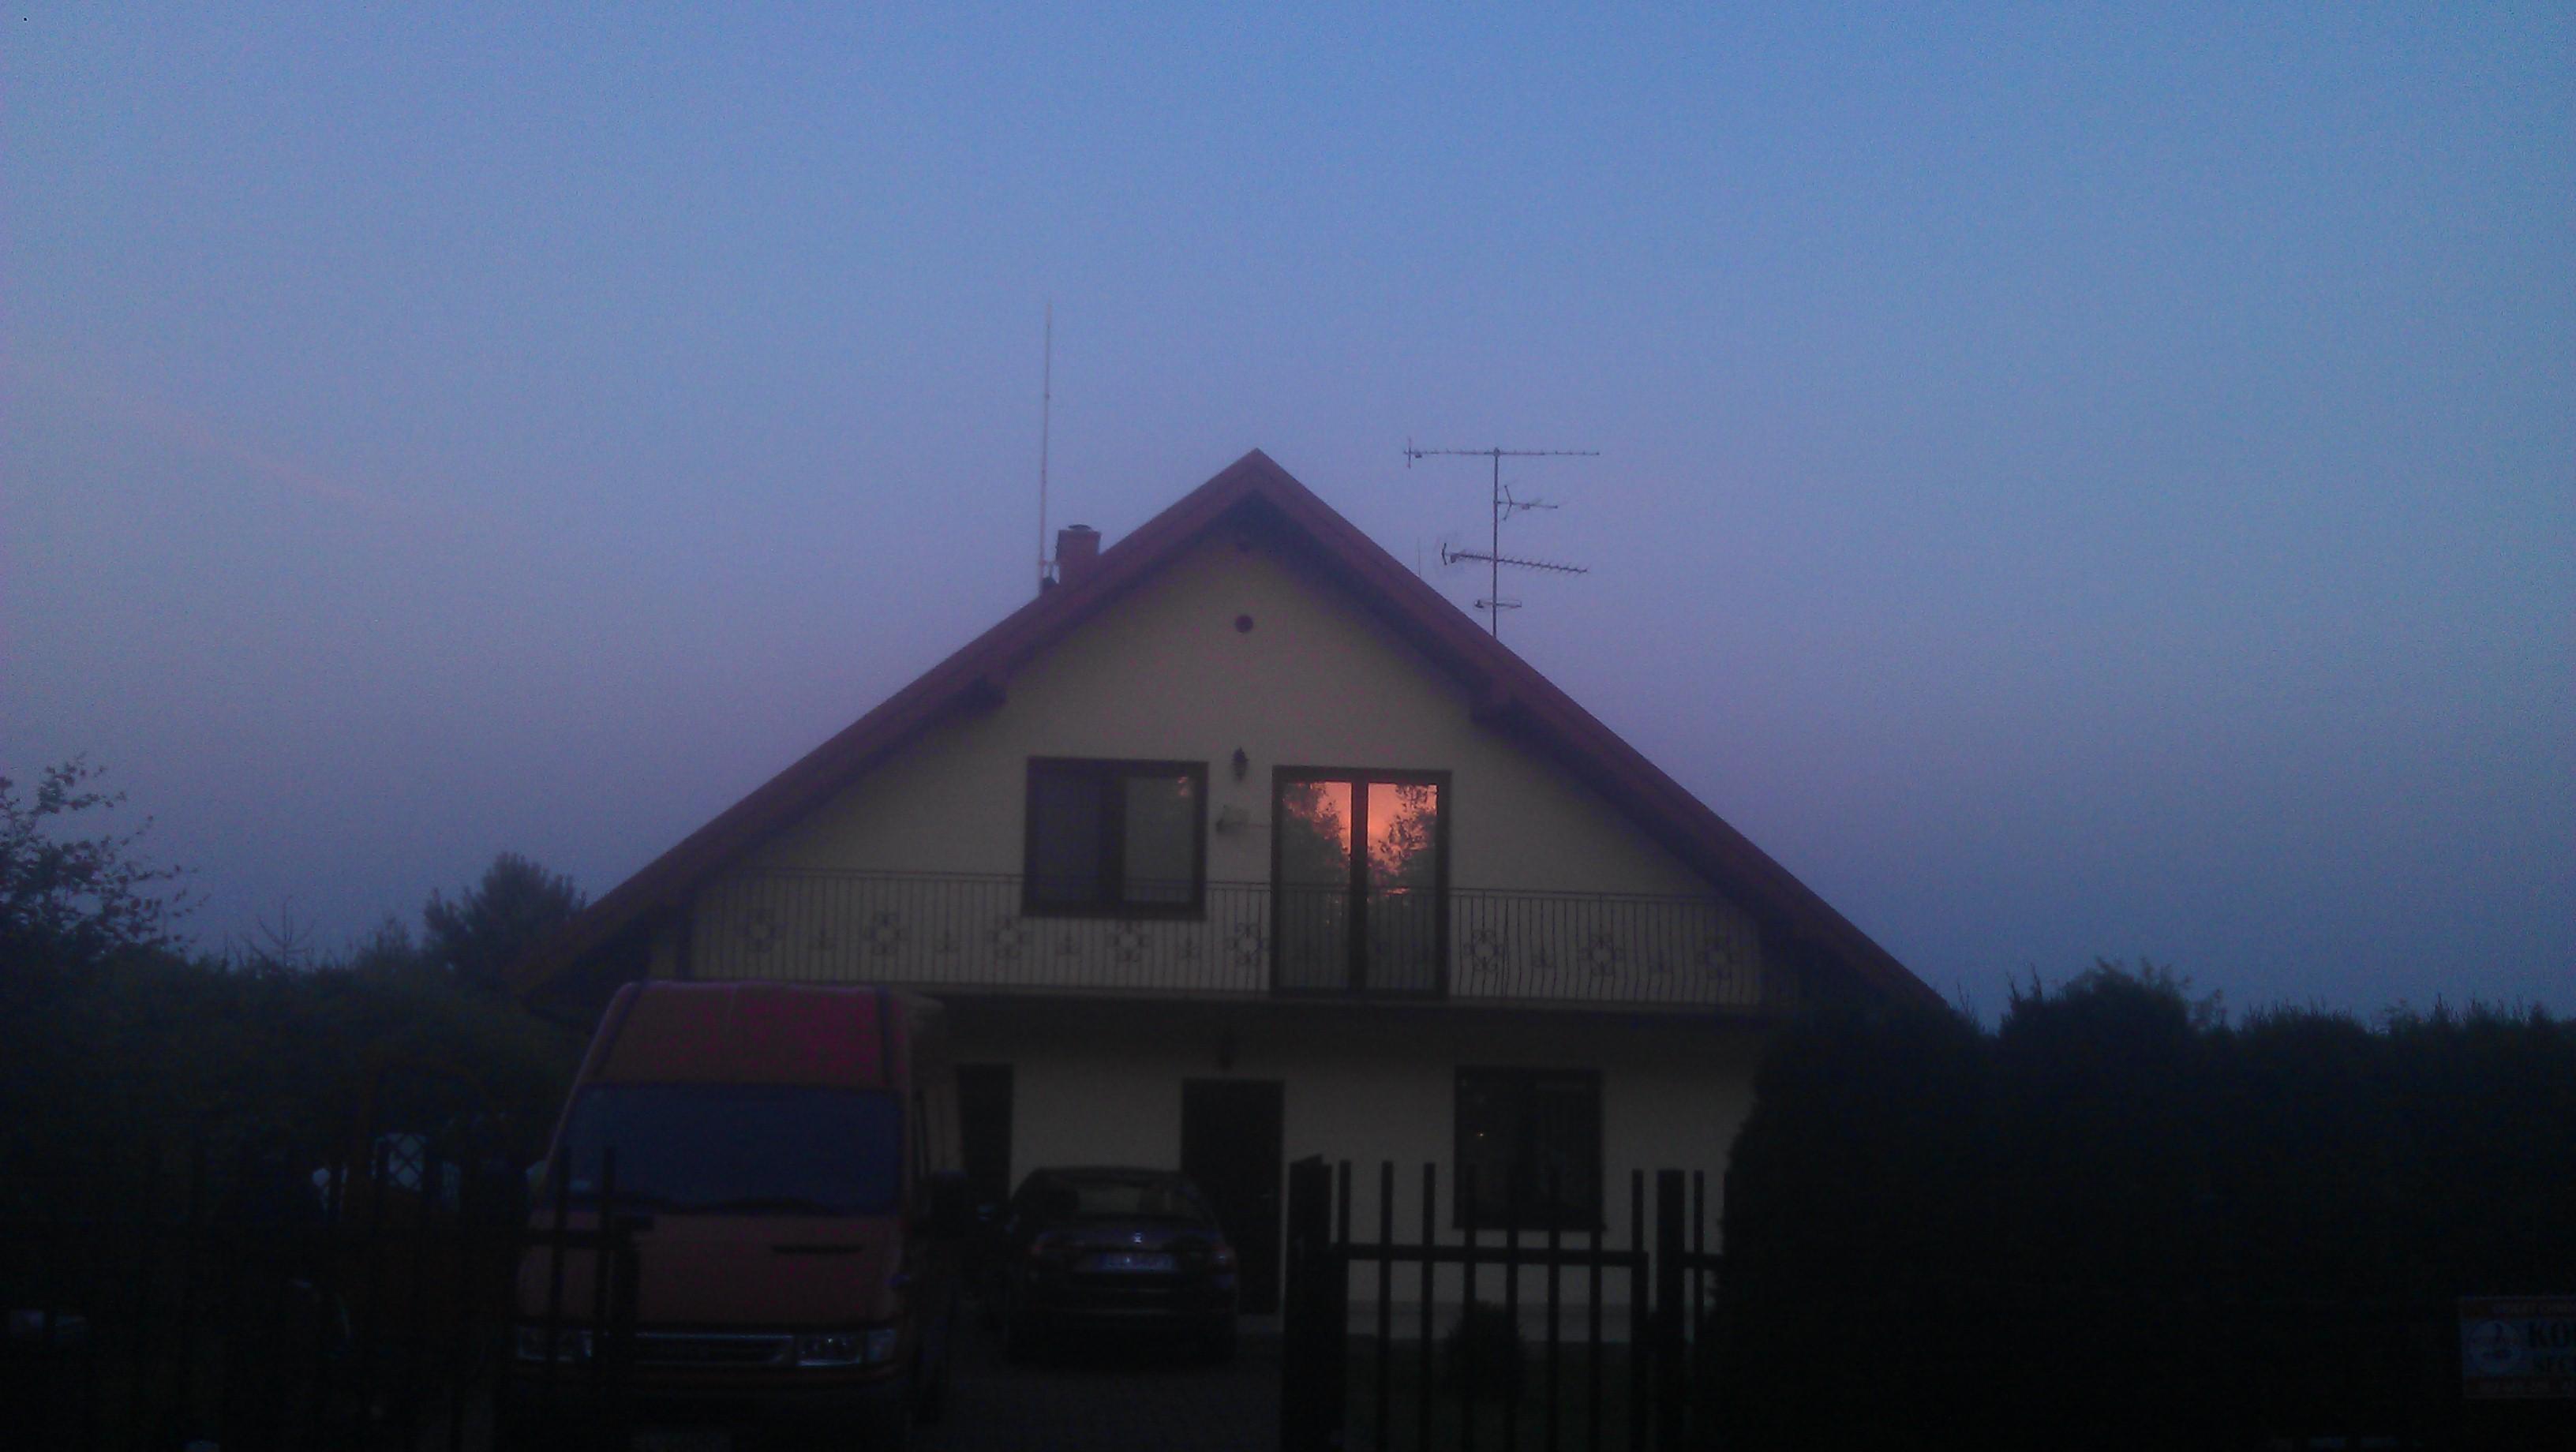 dom odgromwka akma